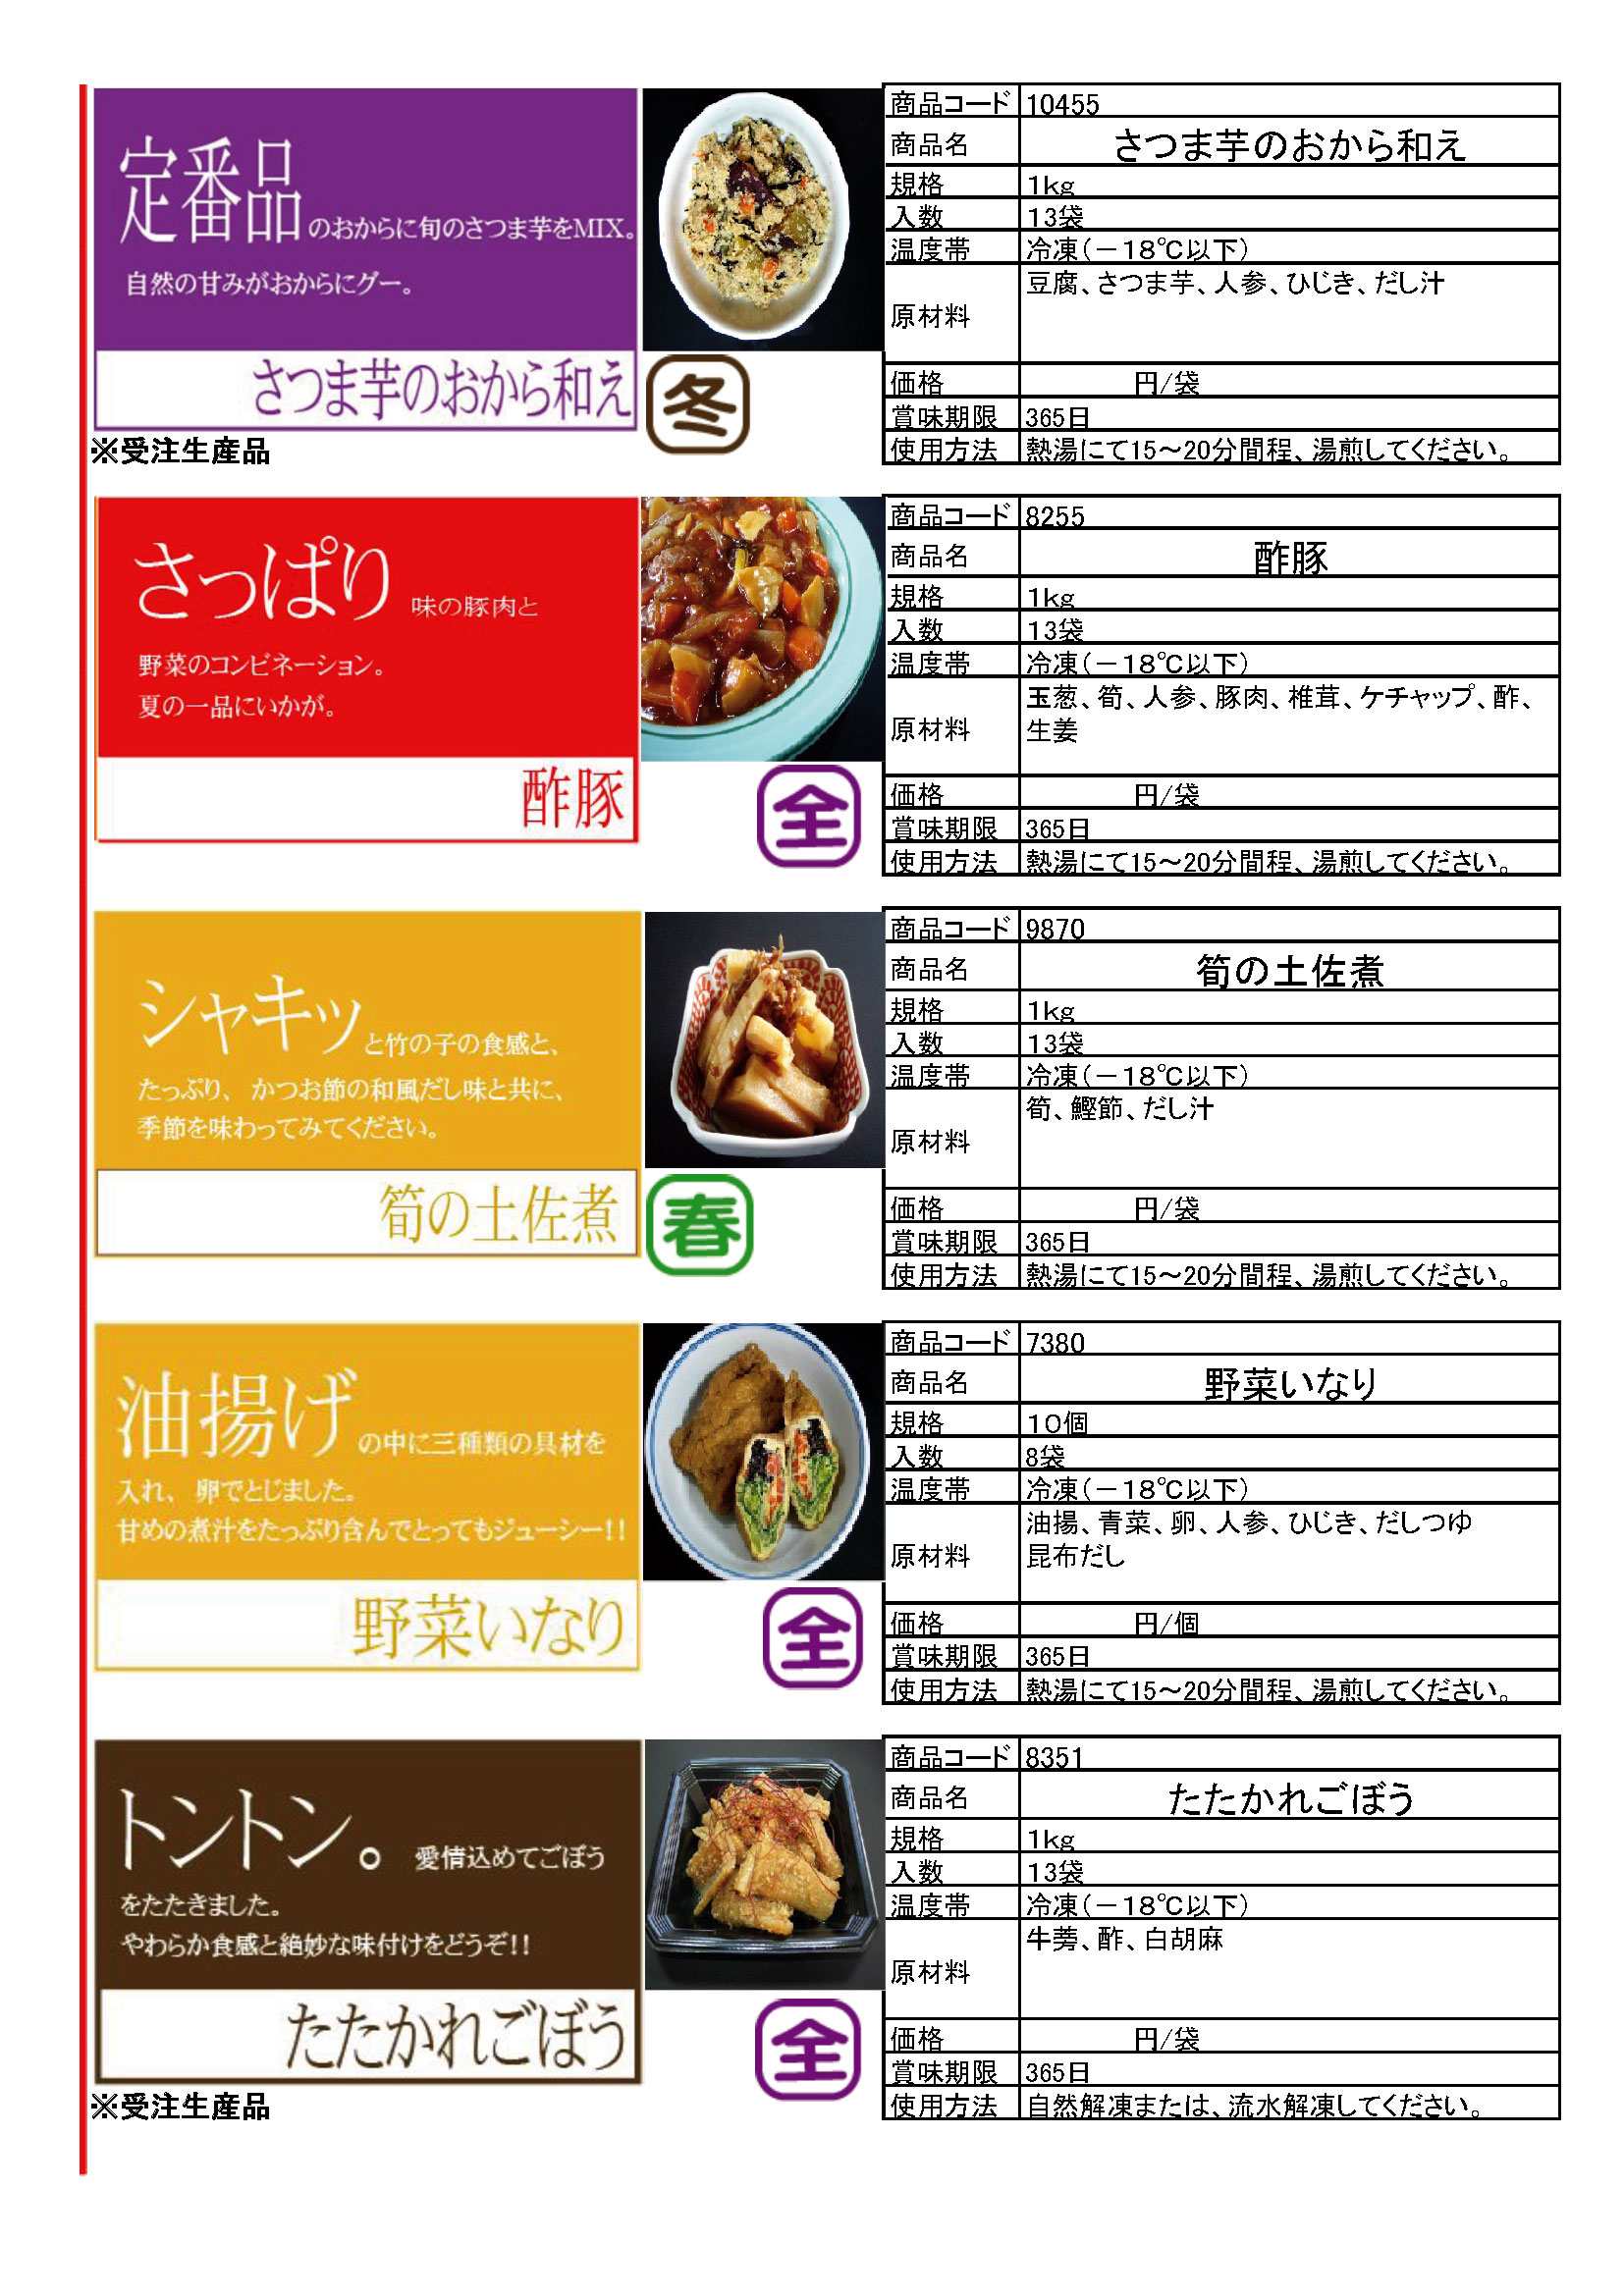 8.さつま芋のおから和え・酢豚・筍の土佐煮・野菜いなり・たたかれごぼう